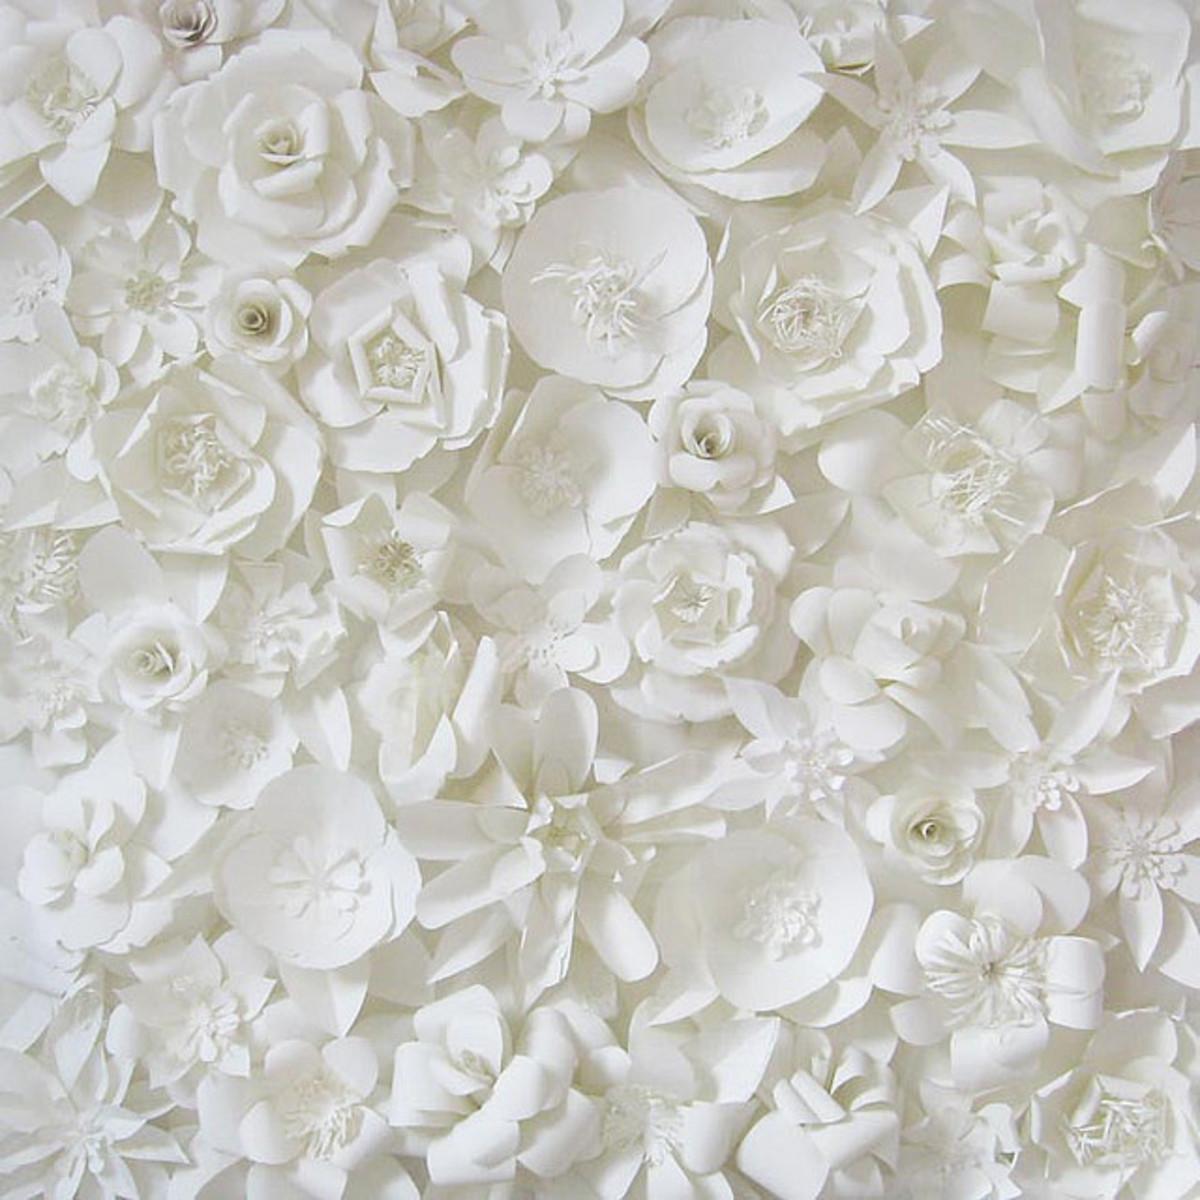 3d Wall Decor Flower Garden : Paper sculpture techniques inspiration tutorials